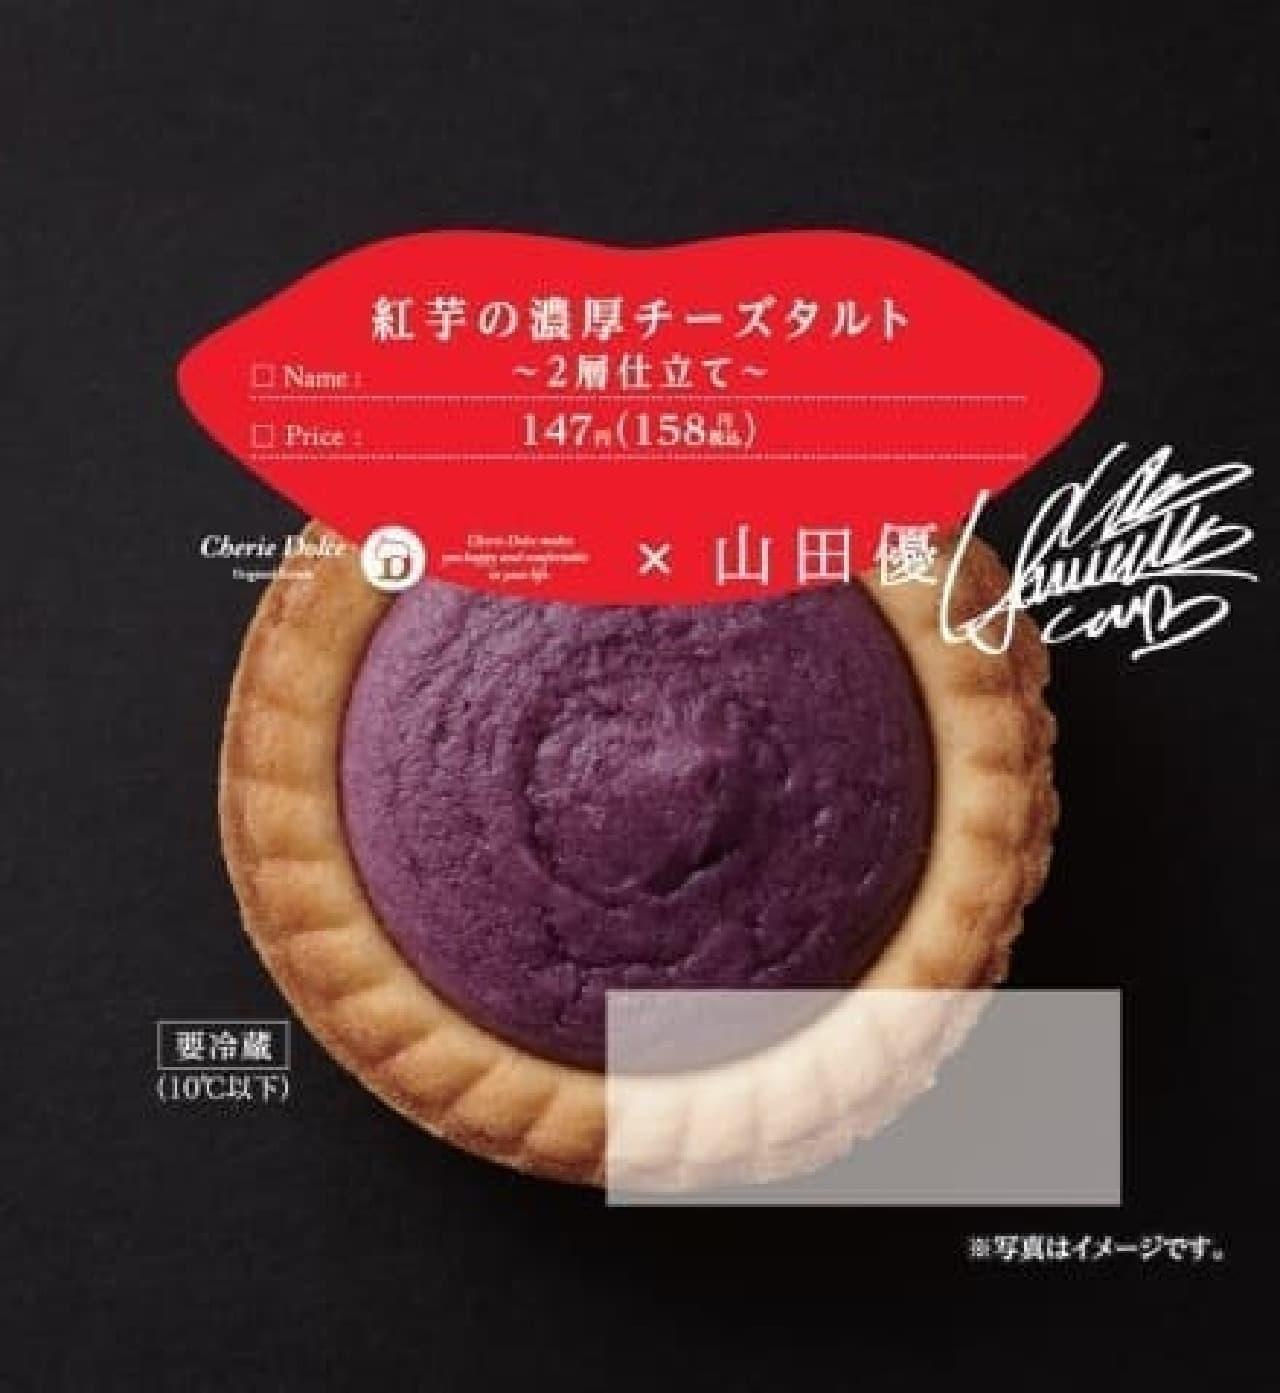 サークルKサンクス、山田優さん監修「紅芋チーズタルト」パッケージ